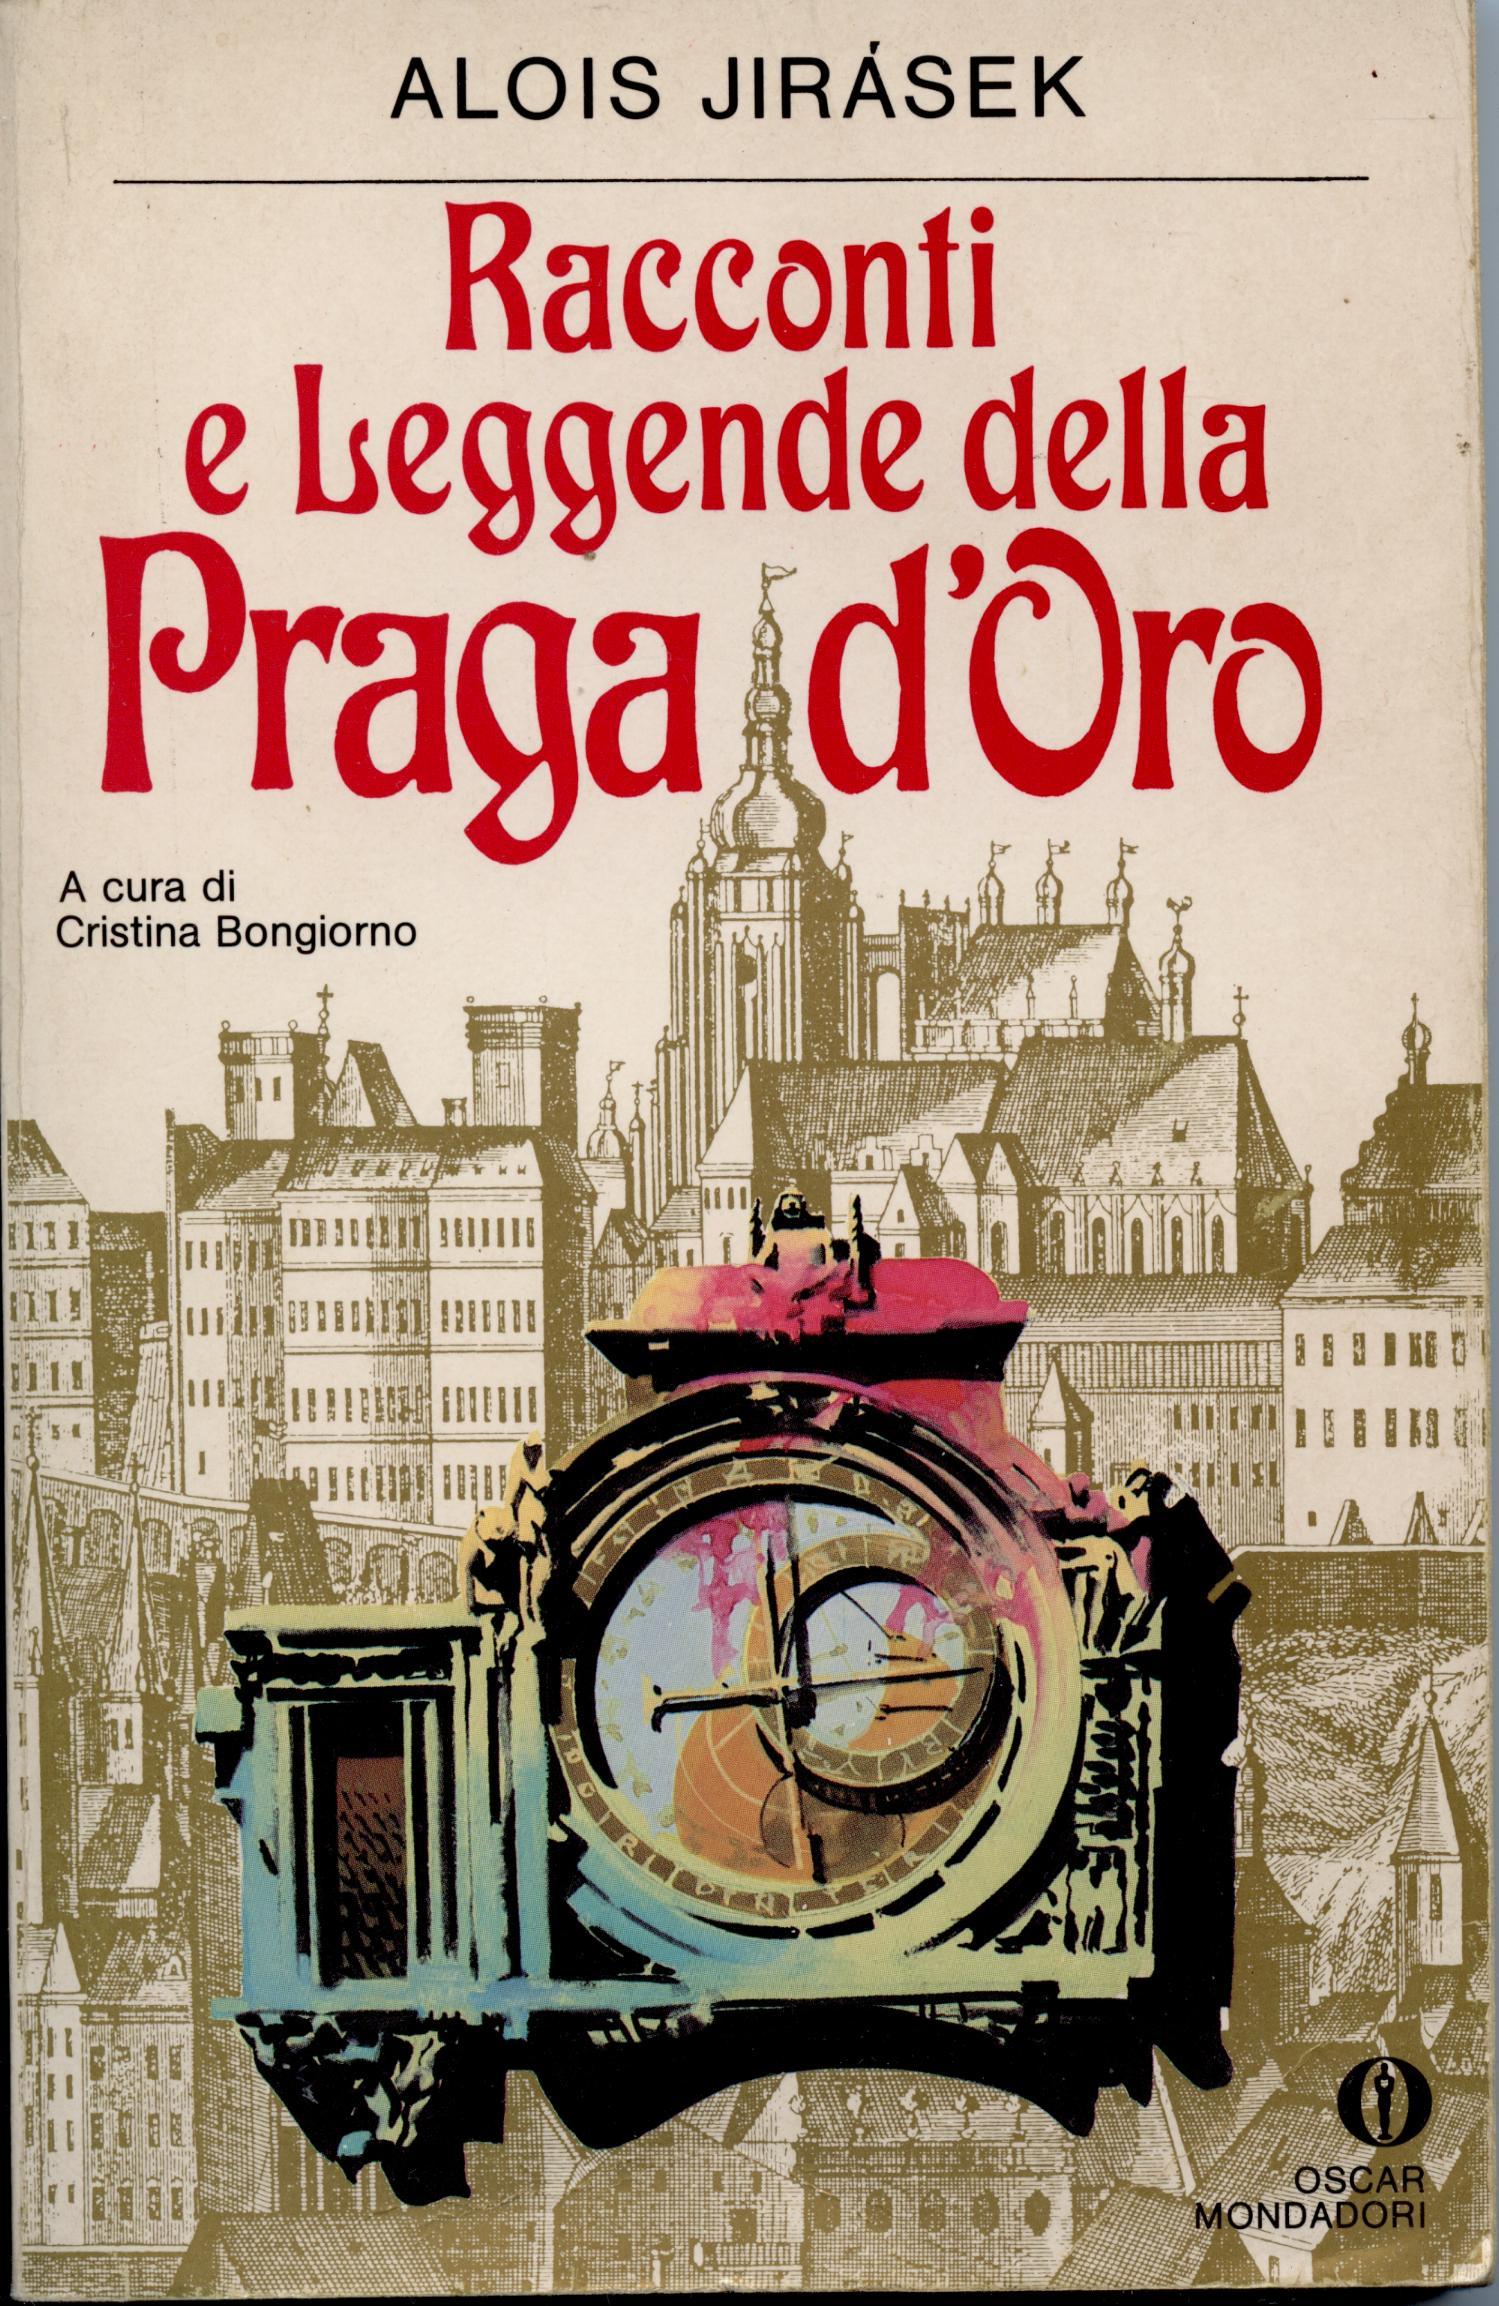 Racconti e leggende della Praga d'oro